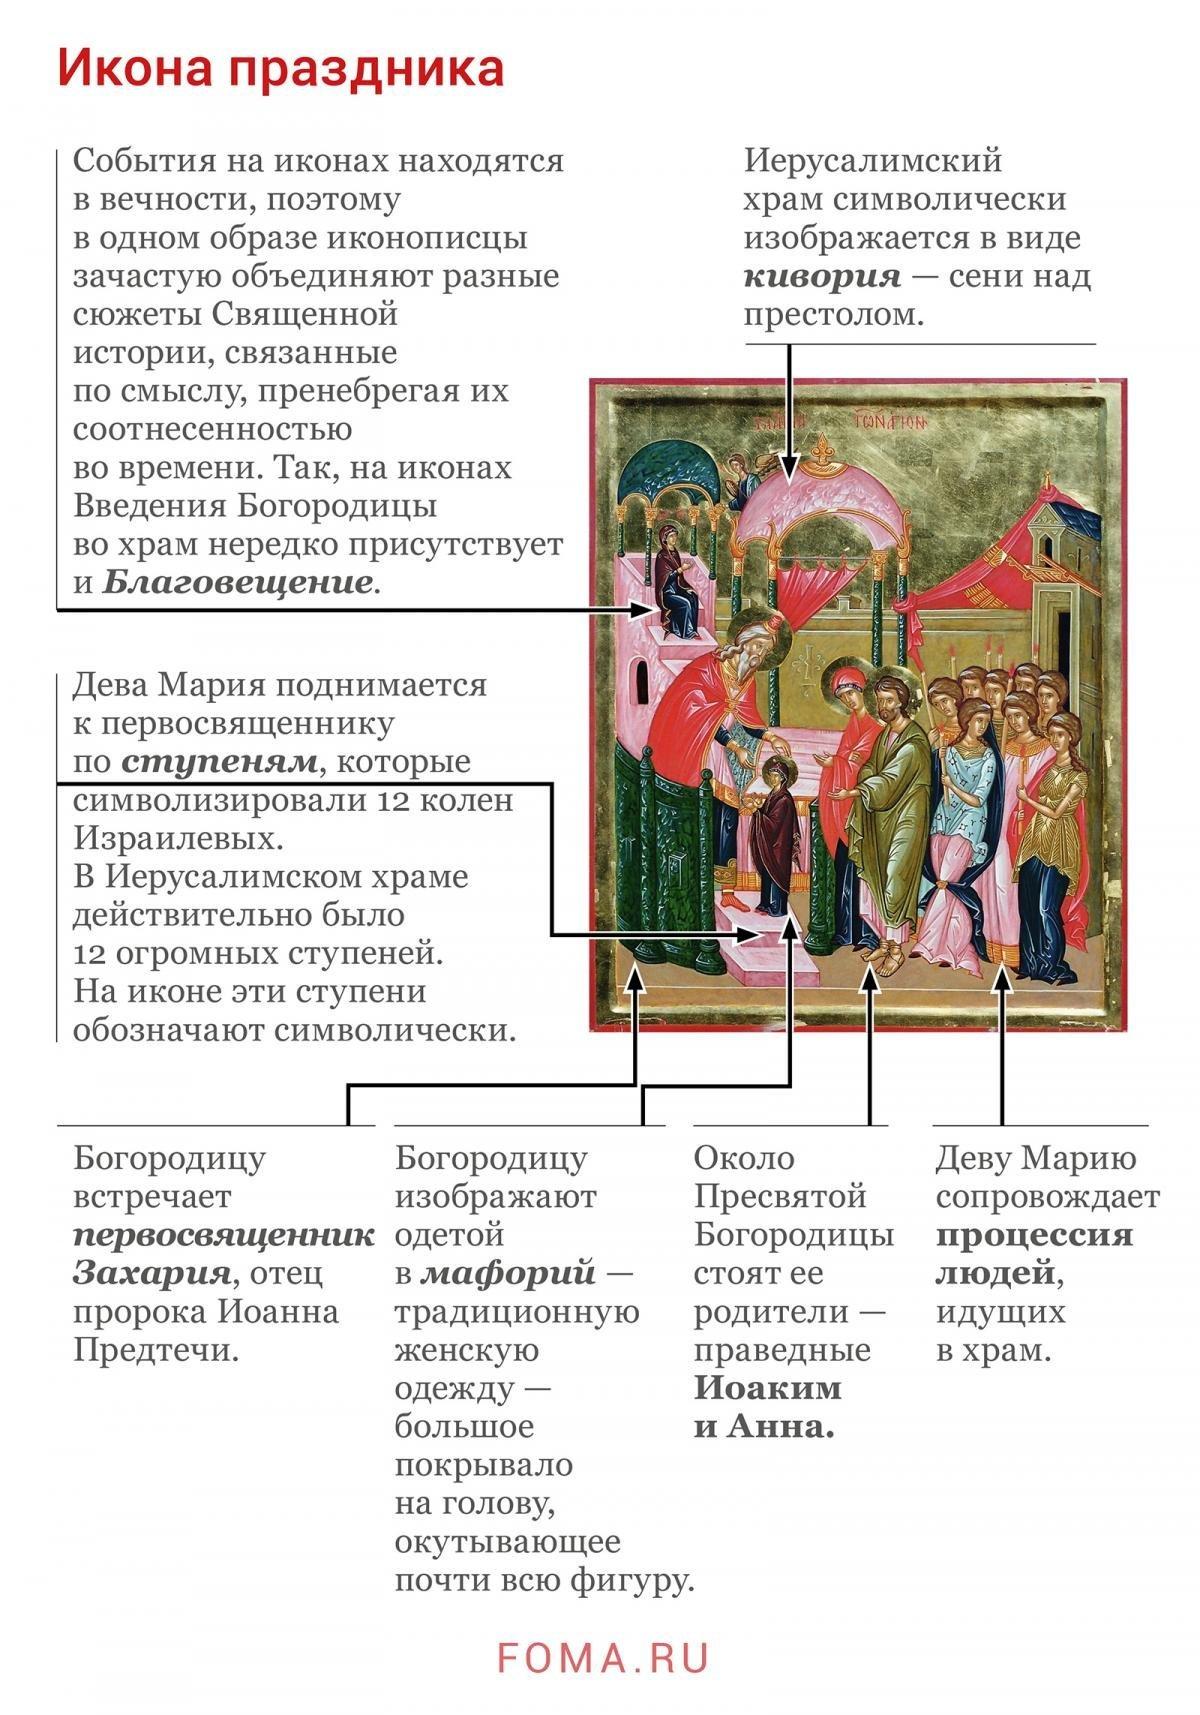 Сегодня православные отмечают Введение во храм Пресвятой Богородицы: история праздника, фото-1